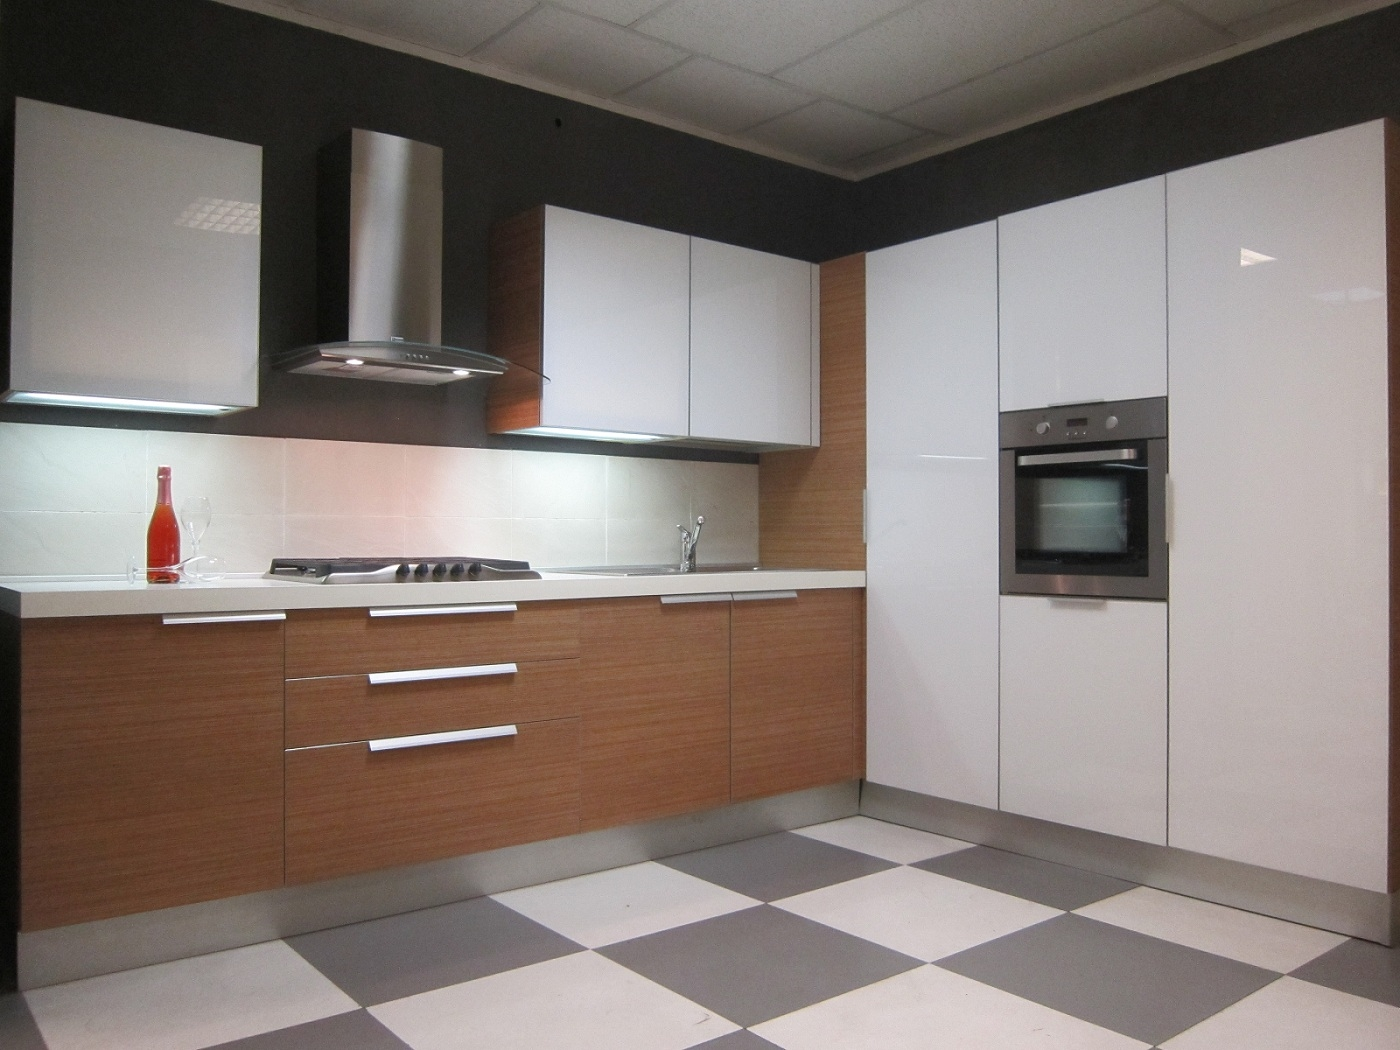 Cesar cucine cucina aria luce teack e bianco moderna - Luce per cucina ...